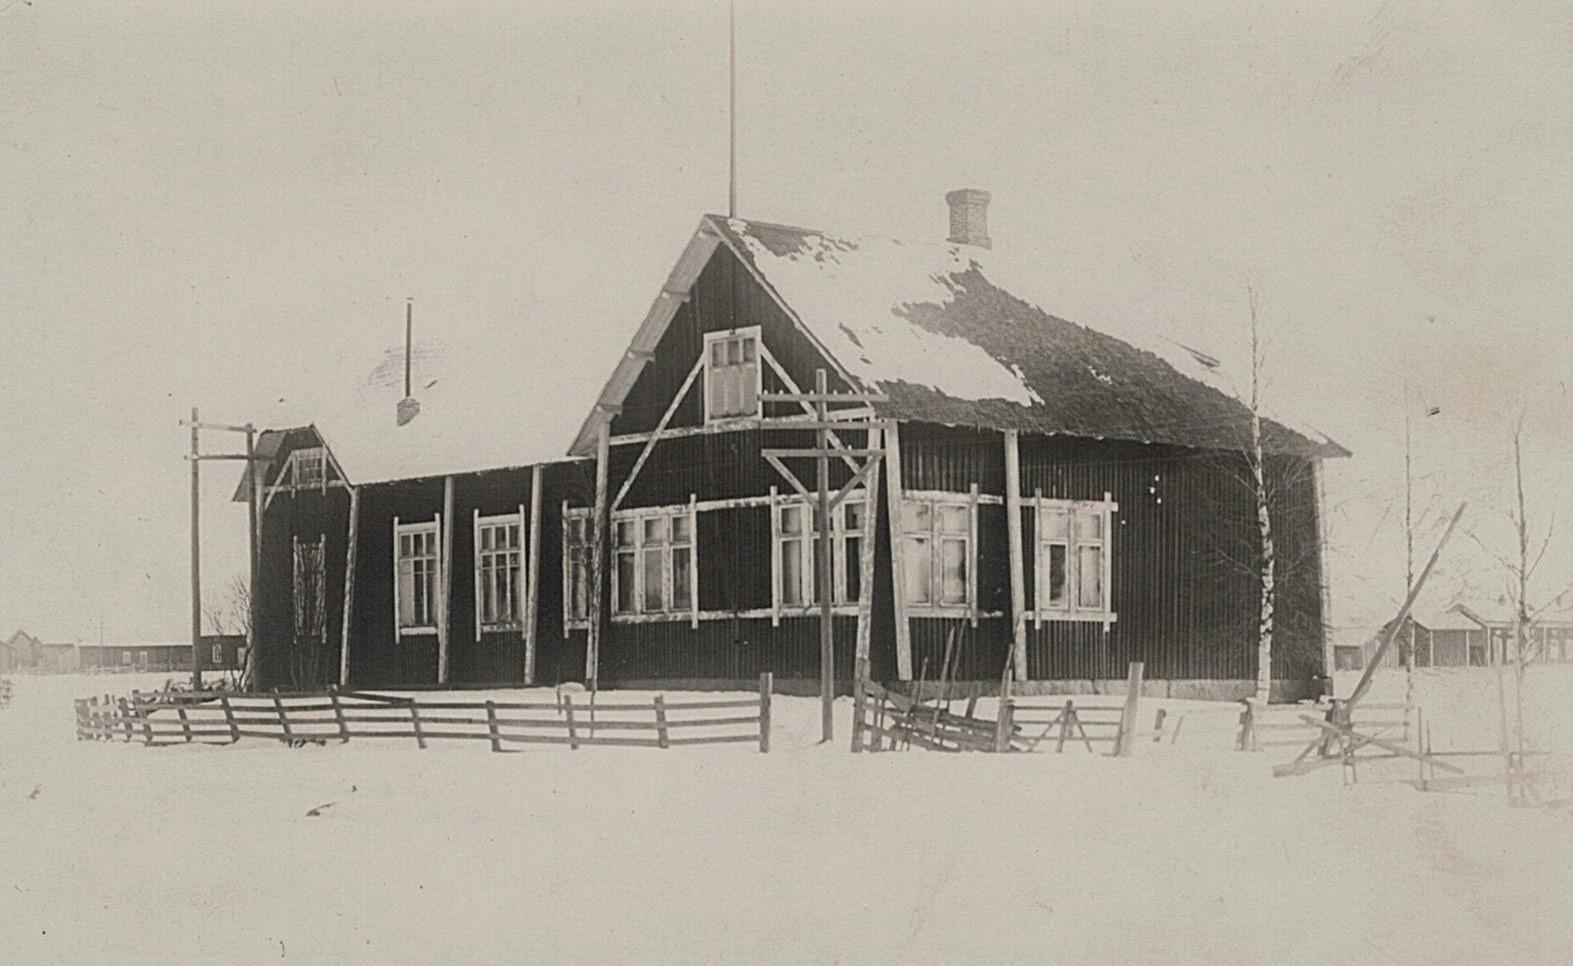 Den gamla ungdomslokalen från 1905 började byggas om år 1928 och den förnyade lokalen kunde invigas 1929.